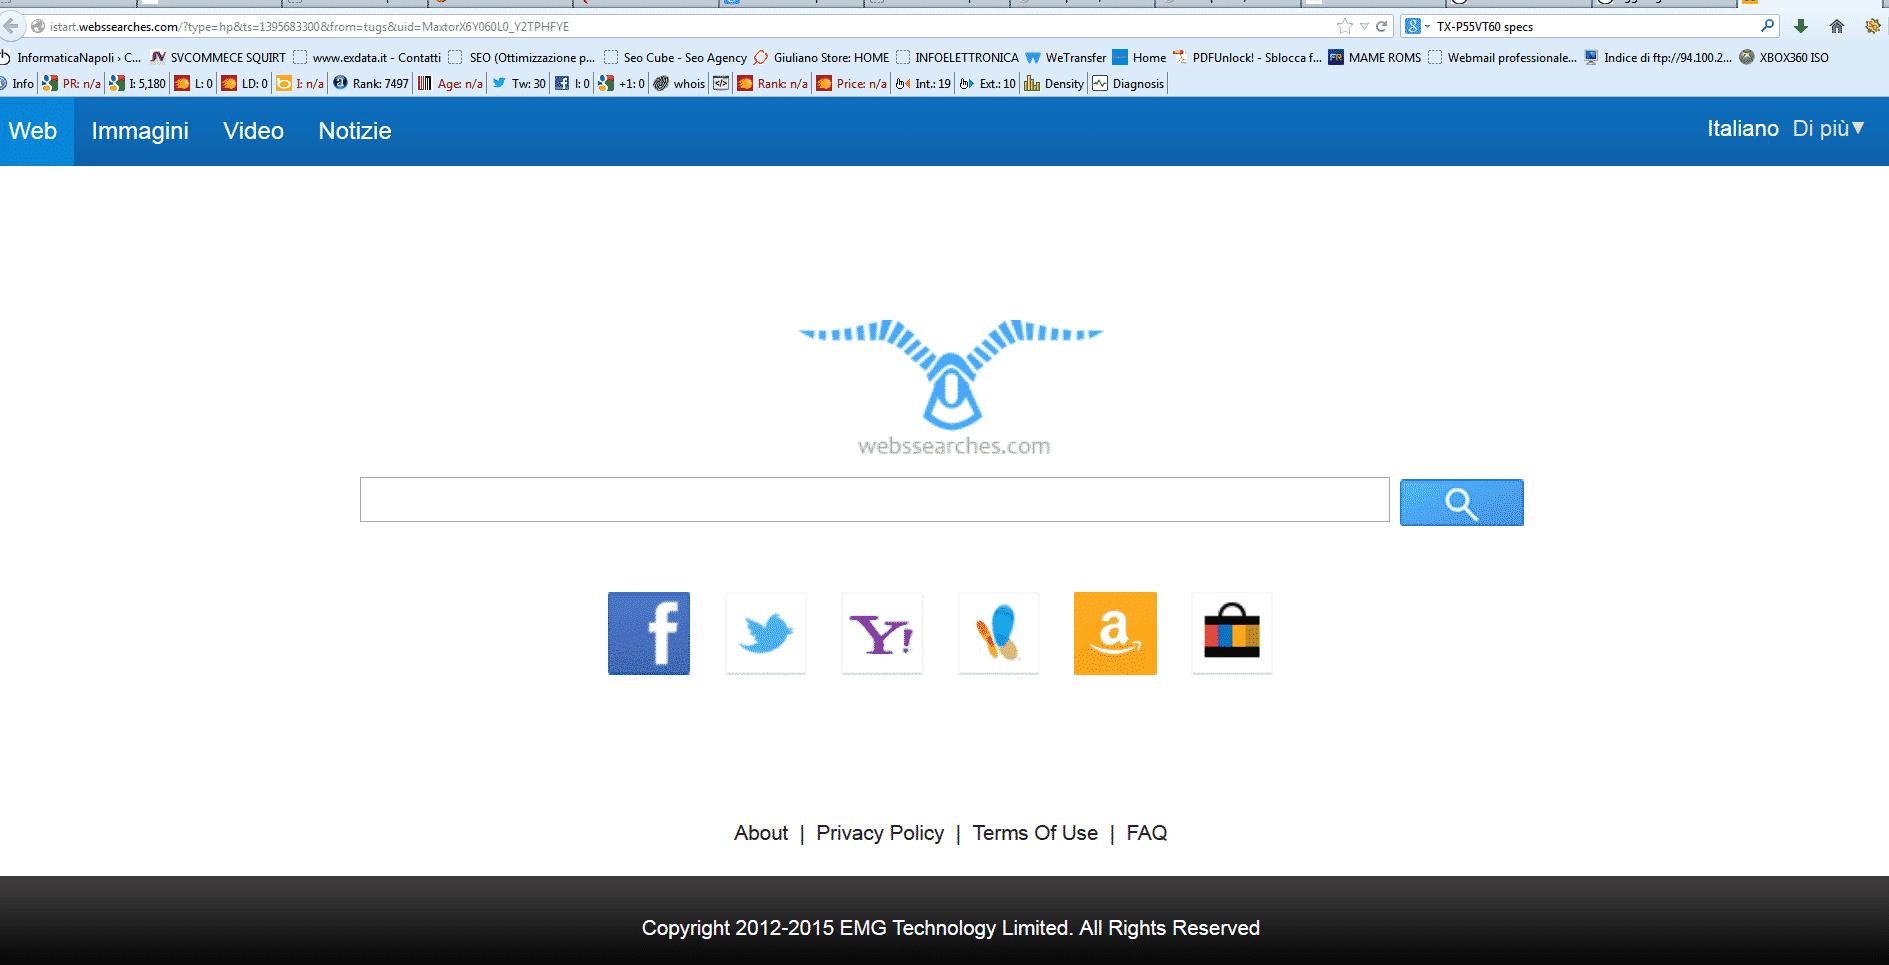 come rimuovere WEBSEARCHER.COM